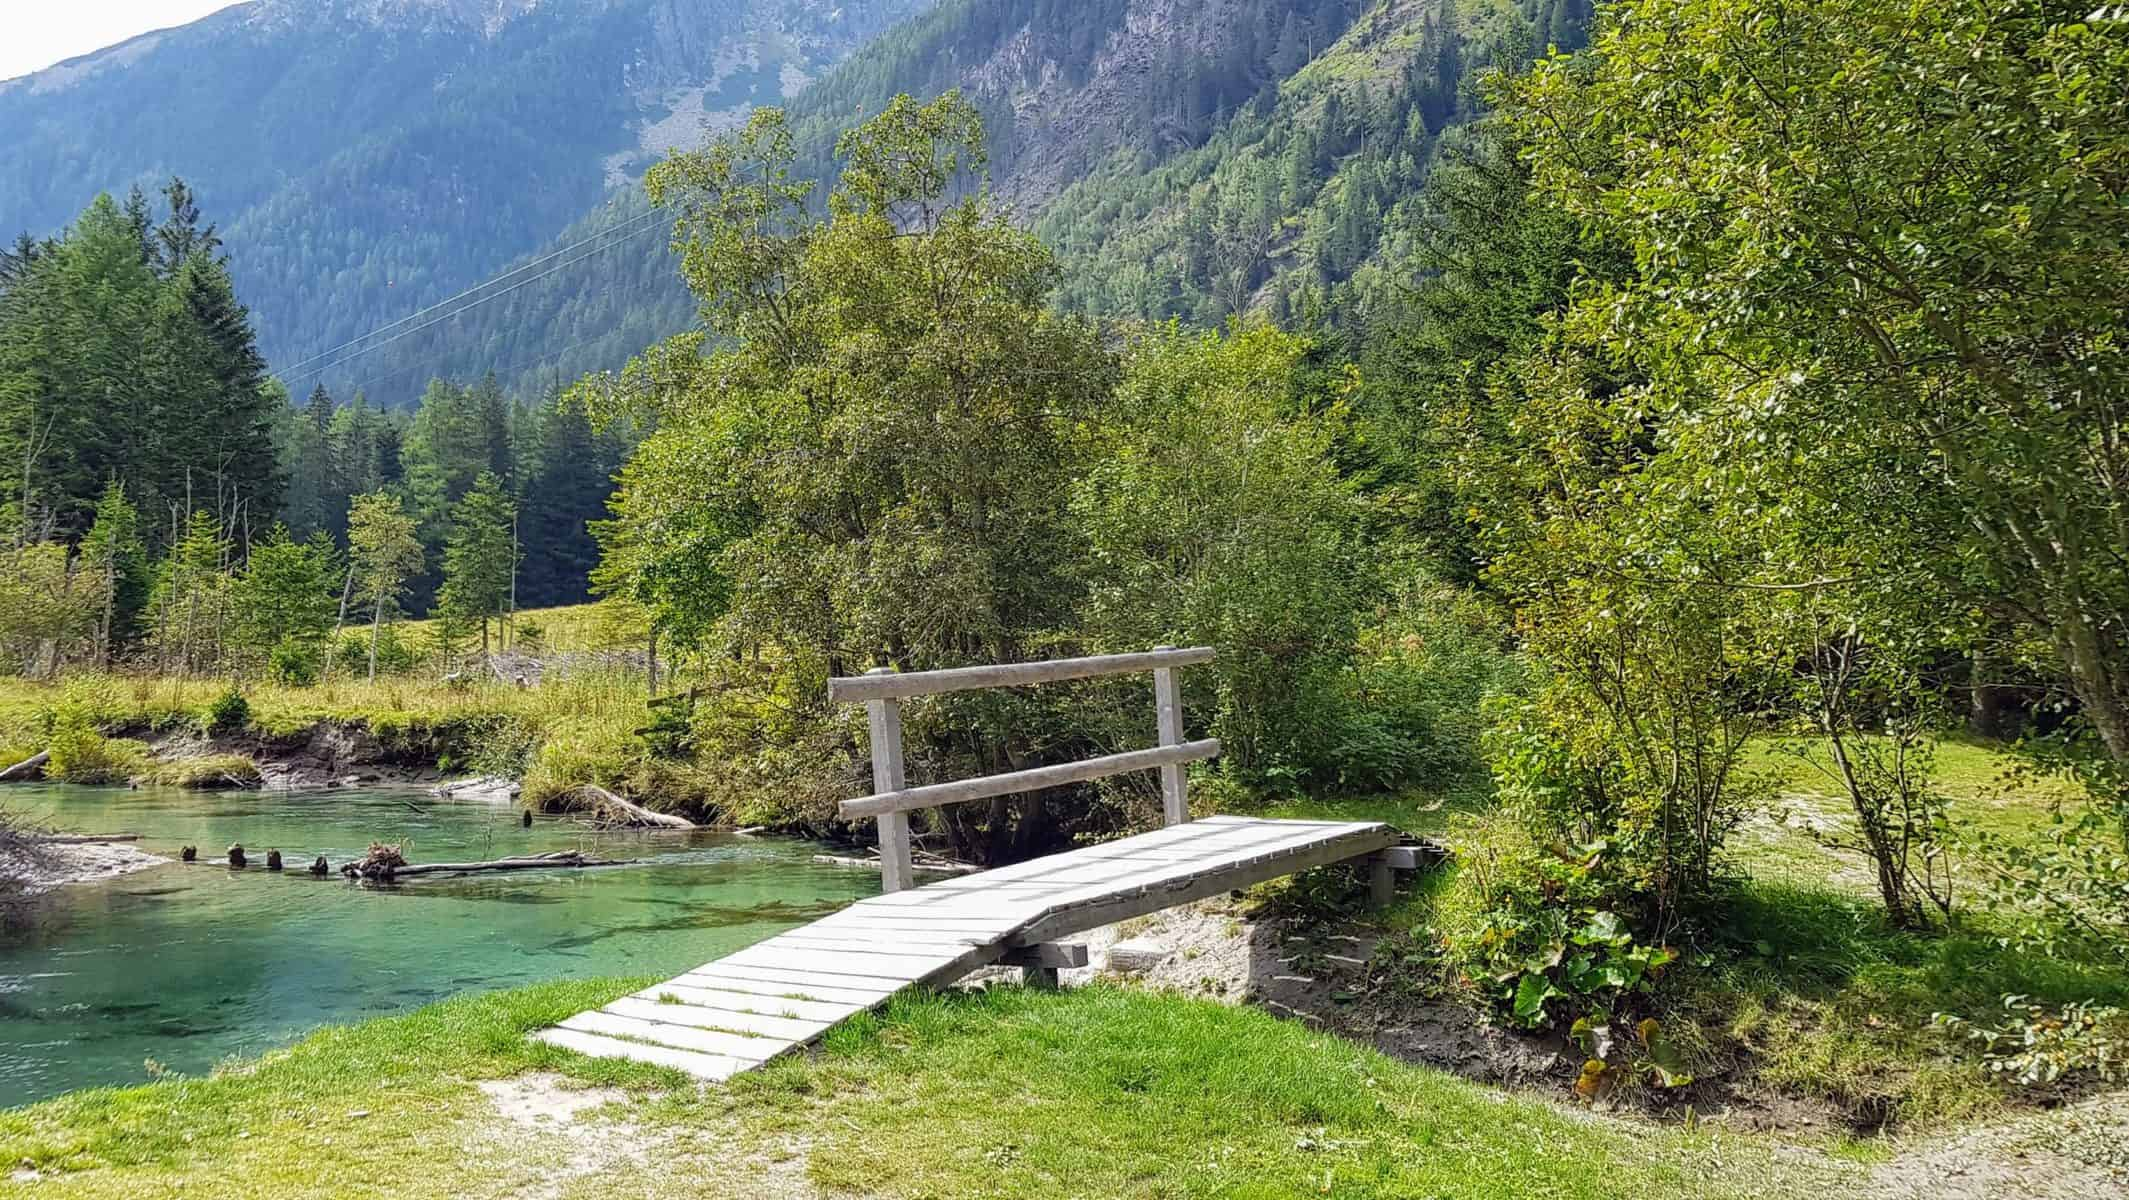 Spielen und Baden am Fluss in Mallnitz, Nationalpark Hohe Tauern Kärnten - Tipps für Familienausflüge & Aktivitäten